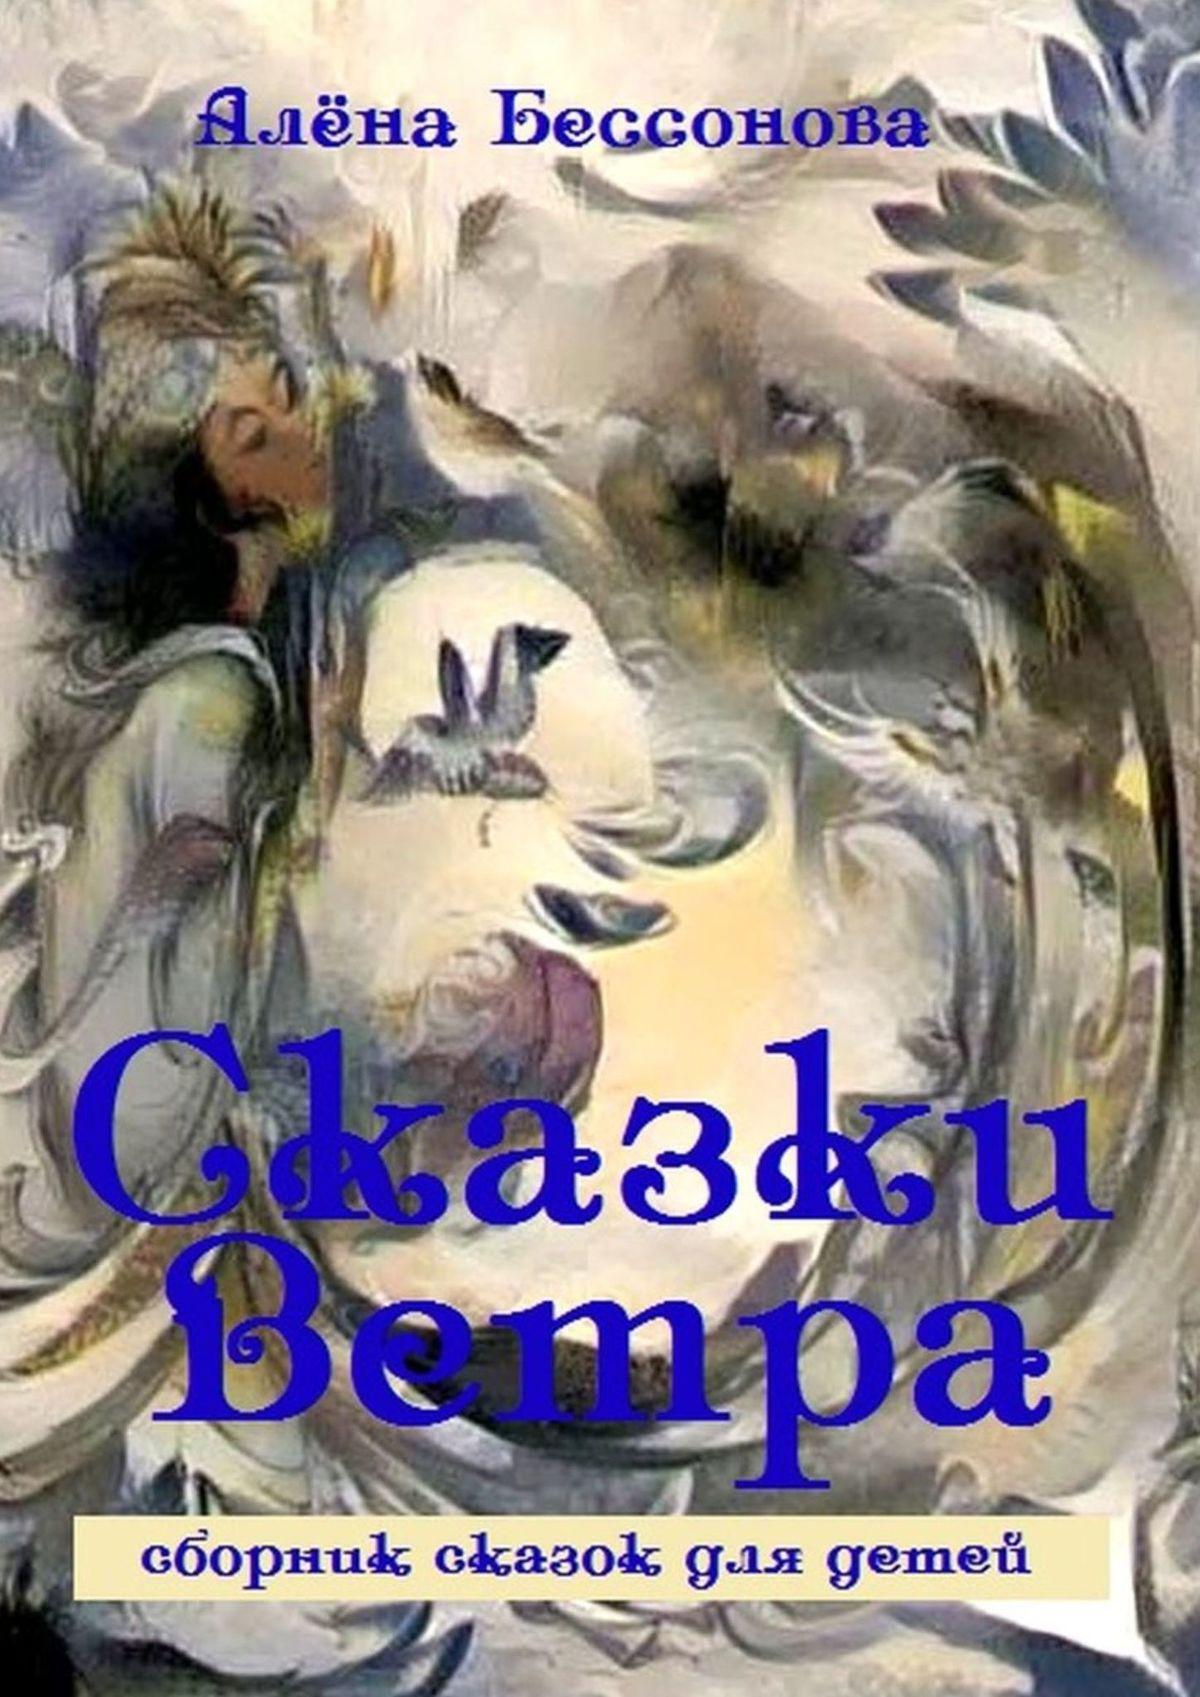 Алёна Бессонова Сказки Ветра. Сборник сказок для детей любимый я обещаю тебе уровень 2 чеки для исполнения желаний